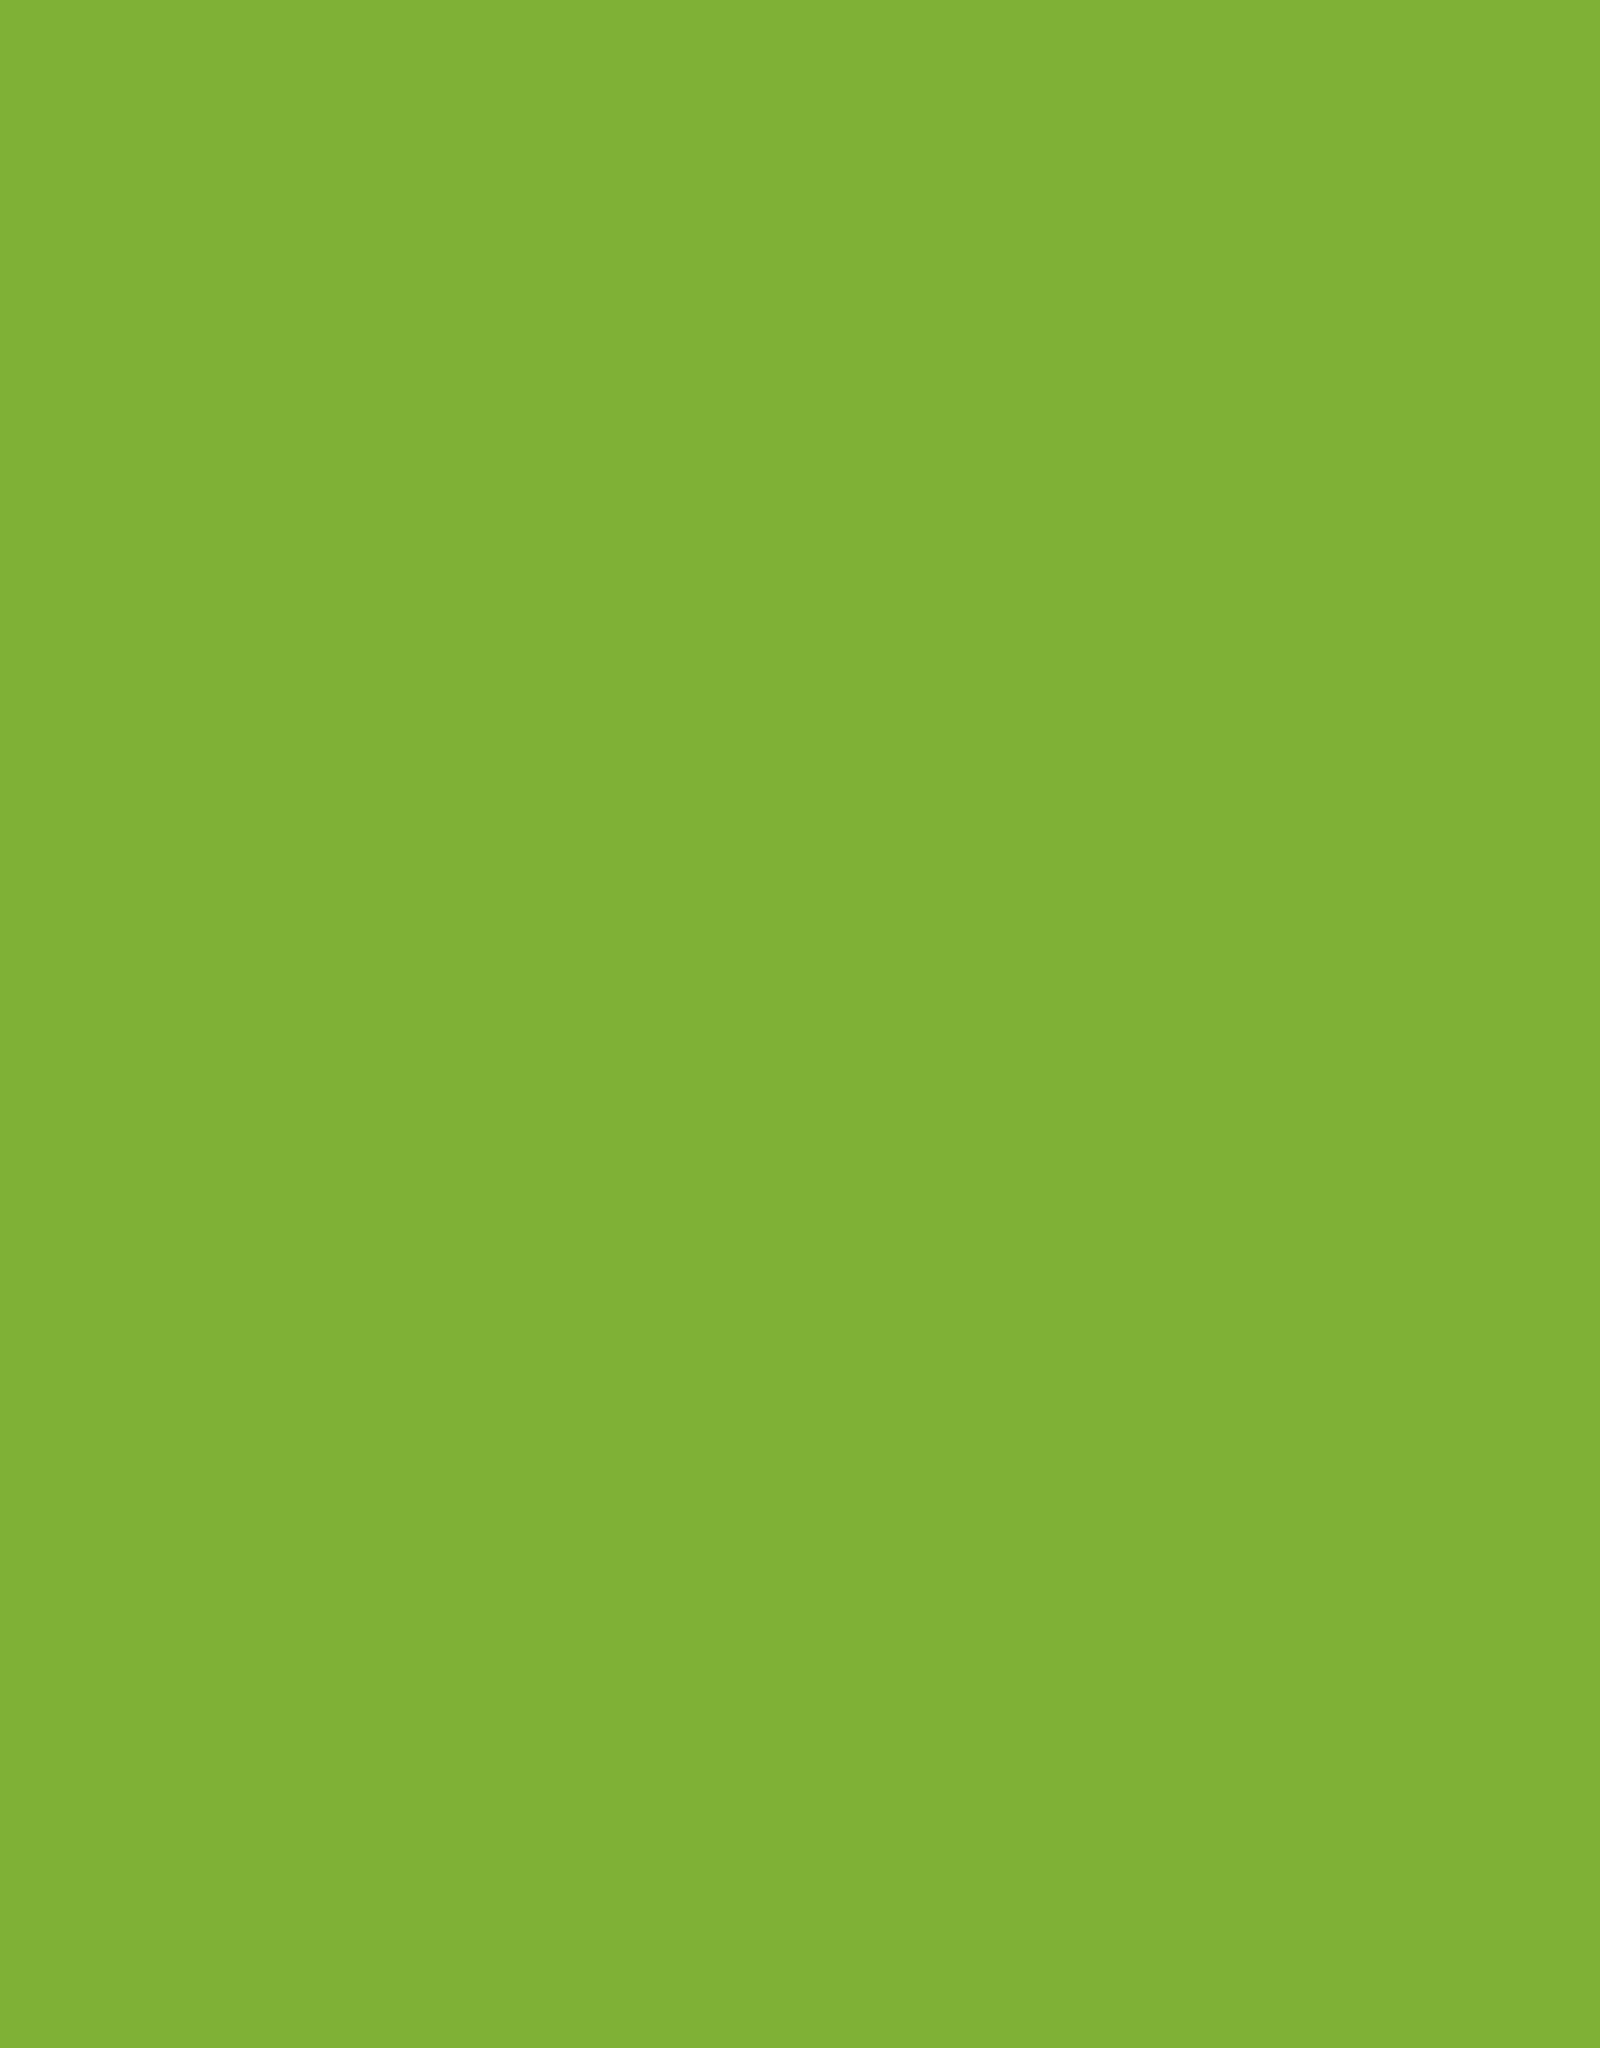 Paspel - Donker Lime